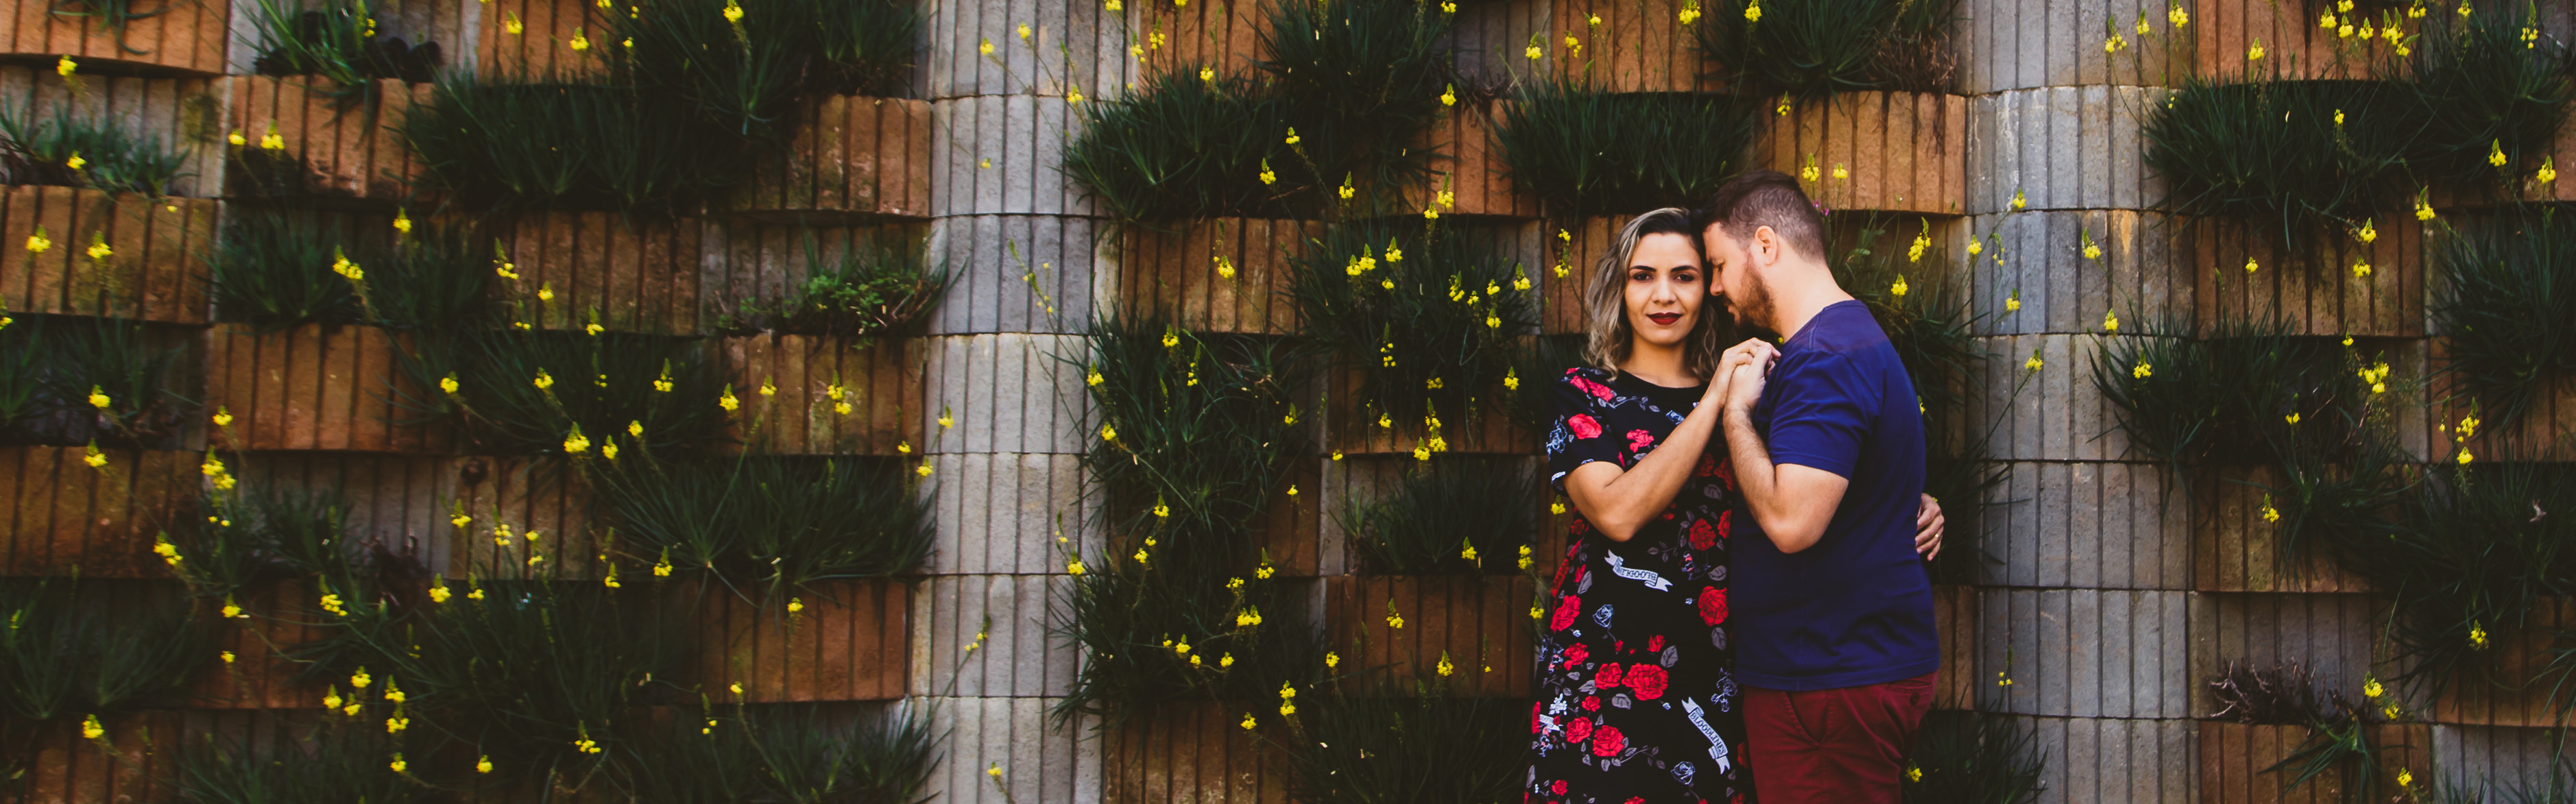 Sobre Fotografo de casamento - Erik Caldas -  SP e todo Brasil